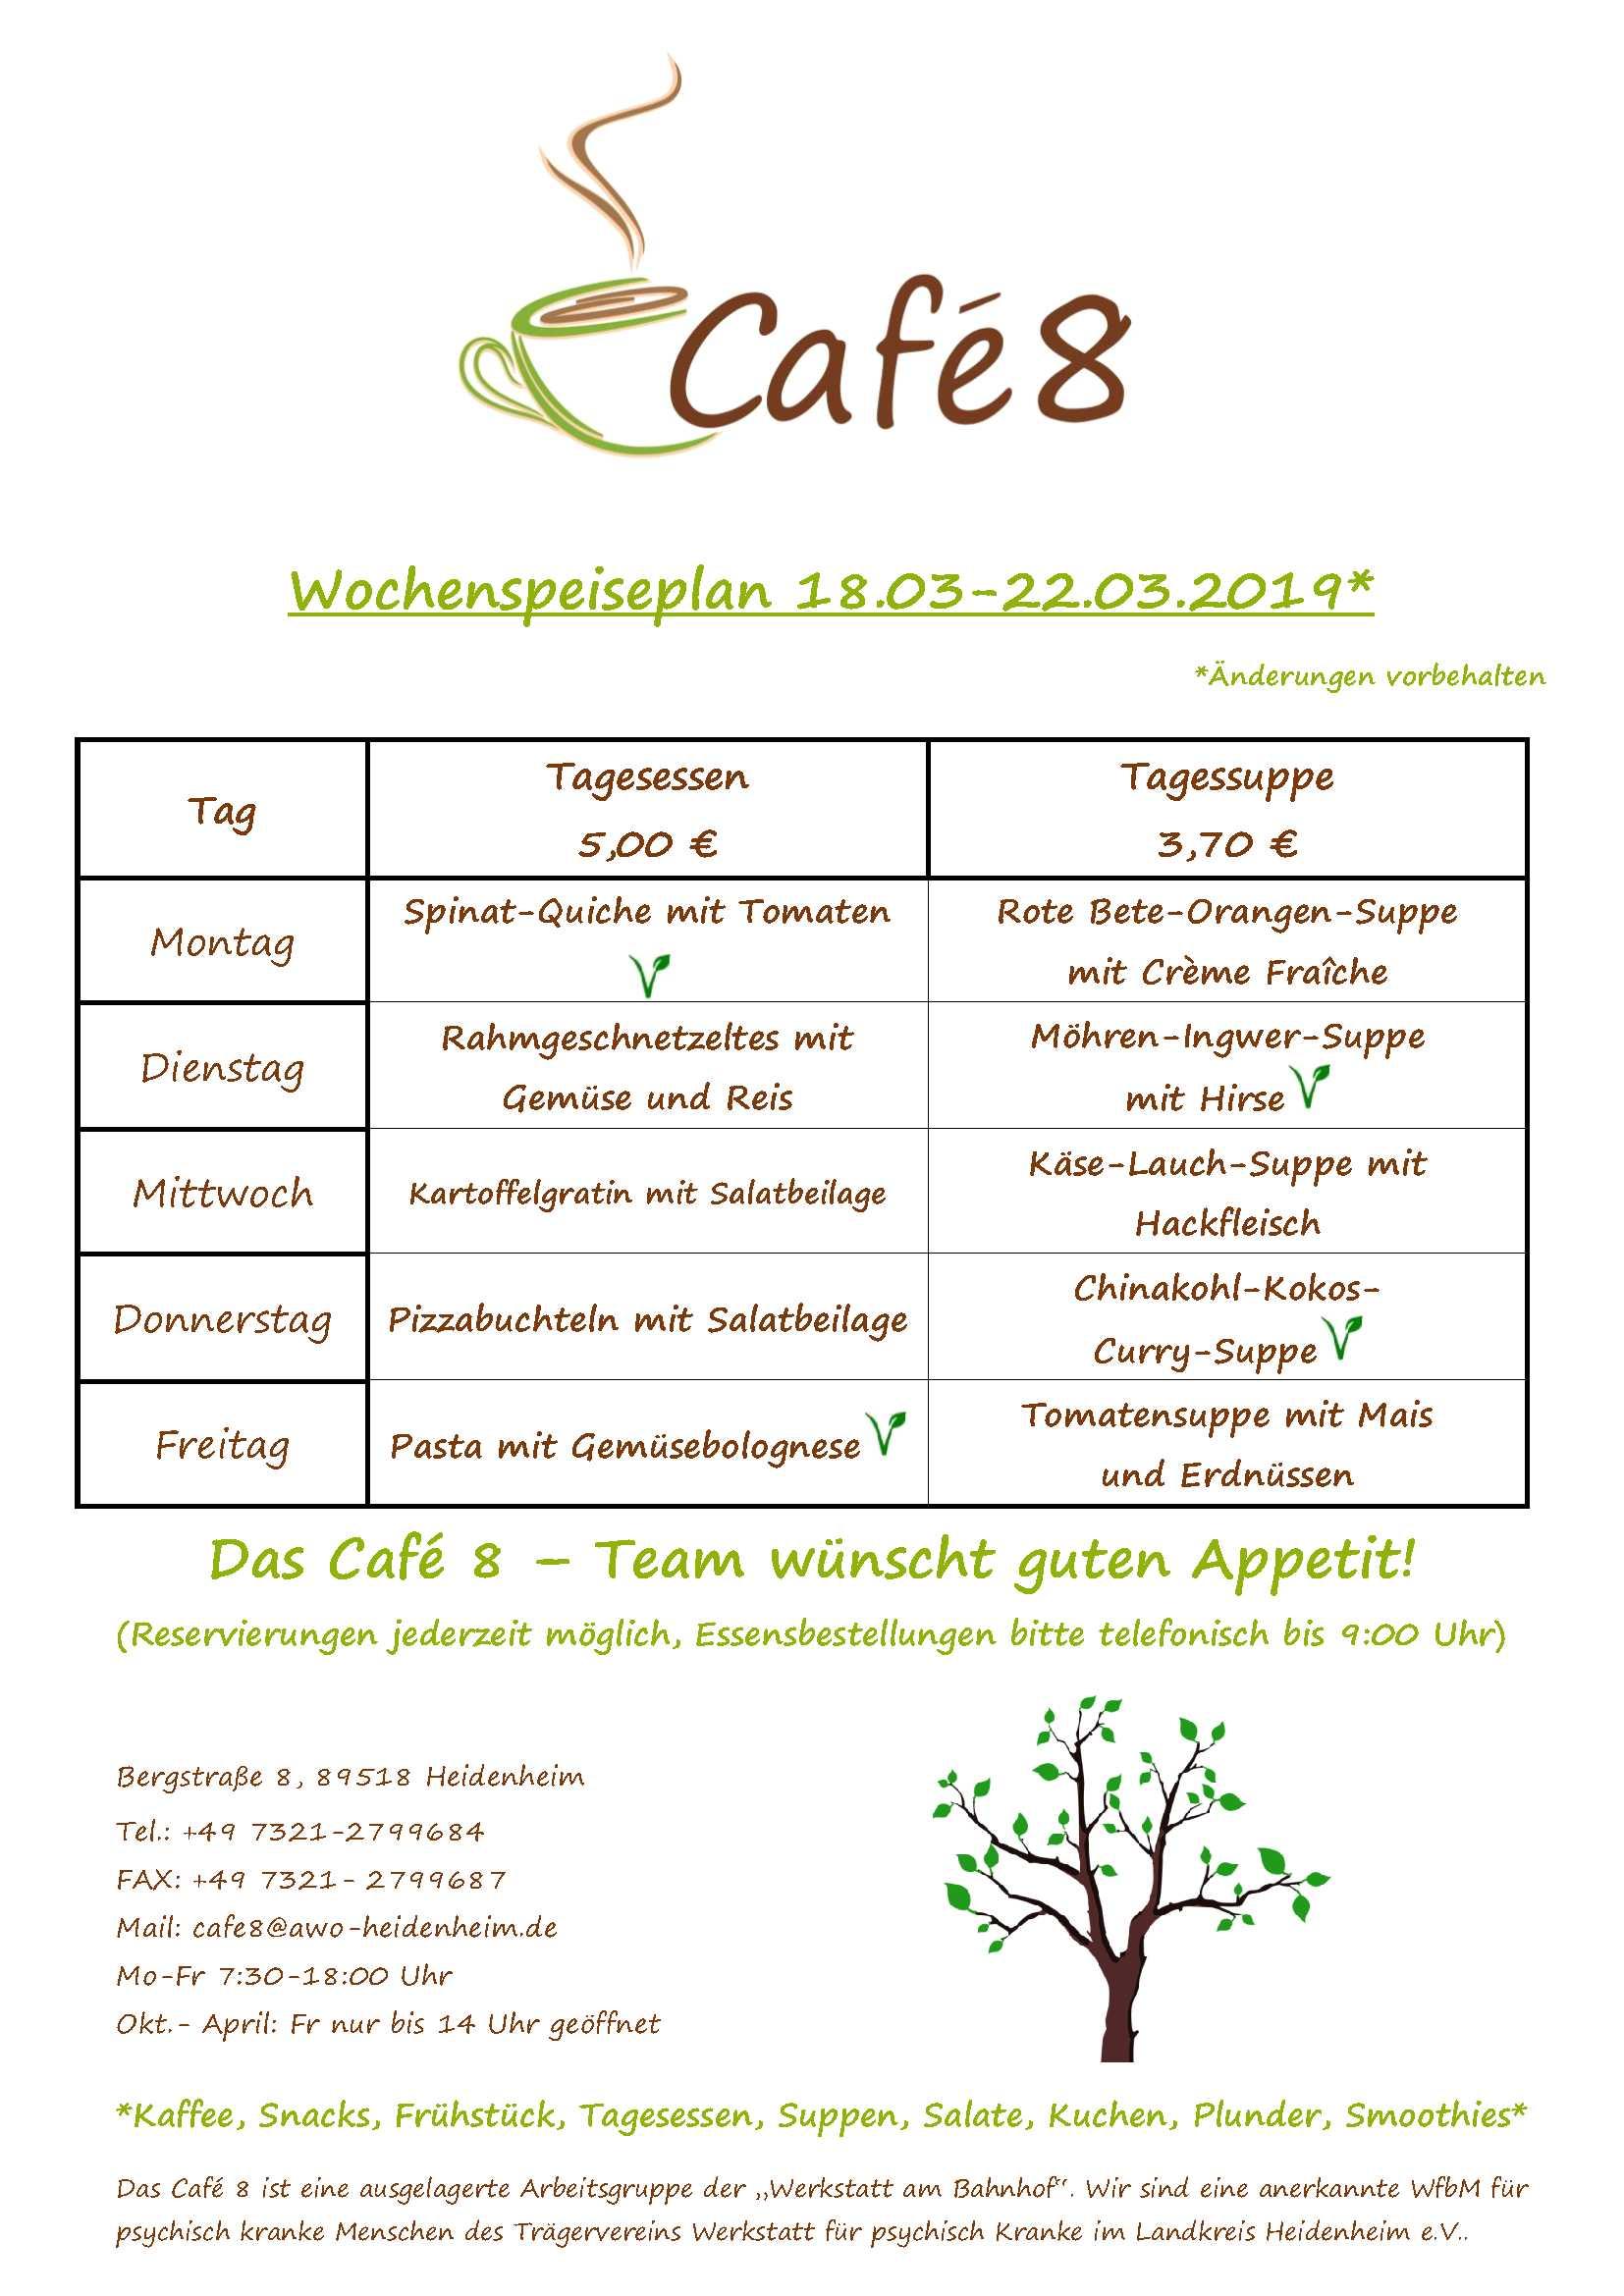 Cafe8_Wochenspeiseplan_KW12-19